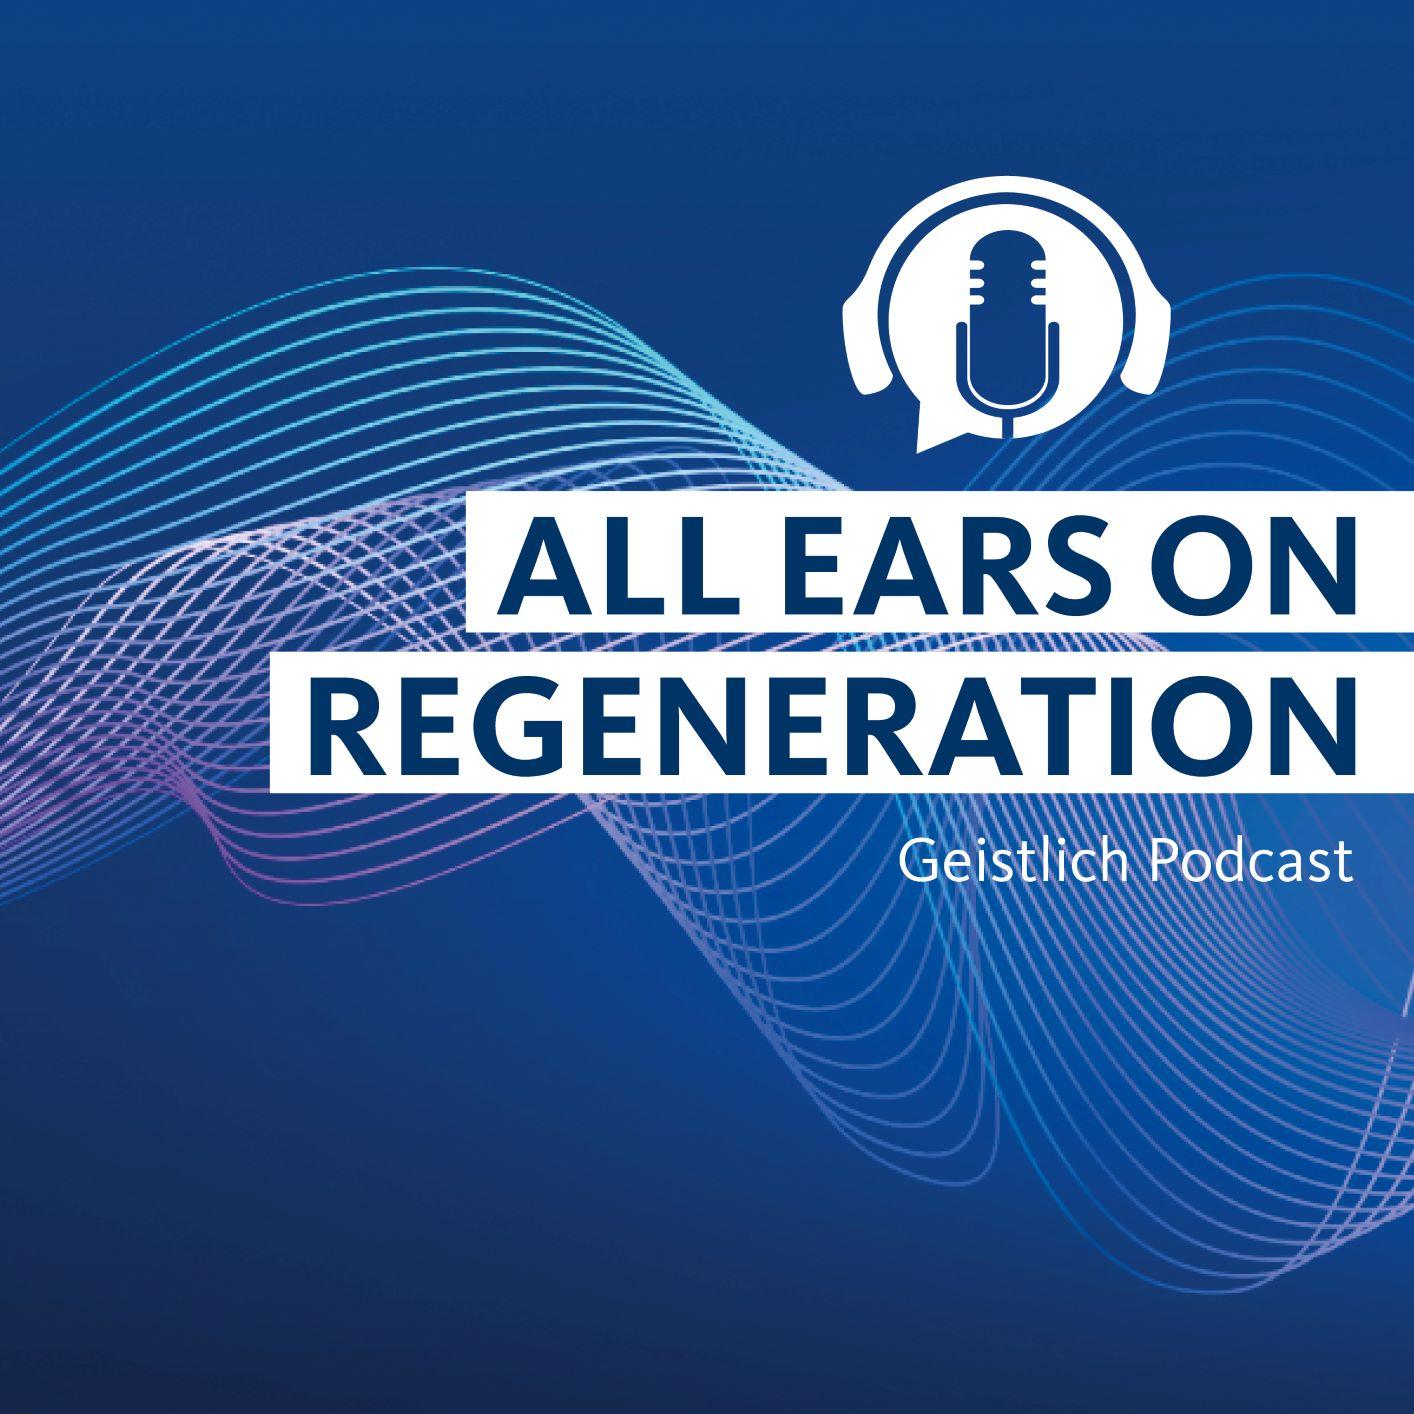 Artwork for podcast All Ears on Regeneration